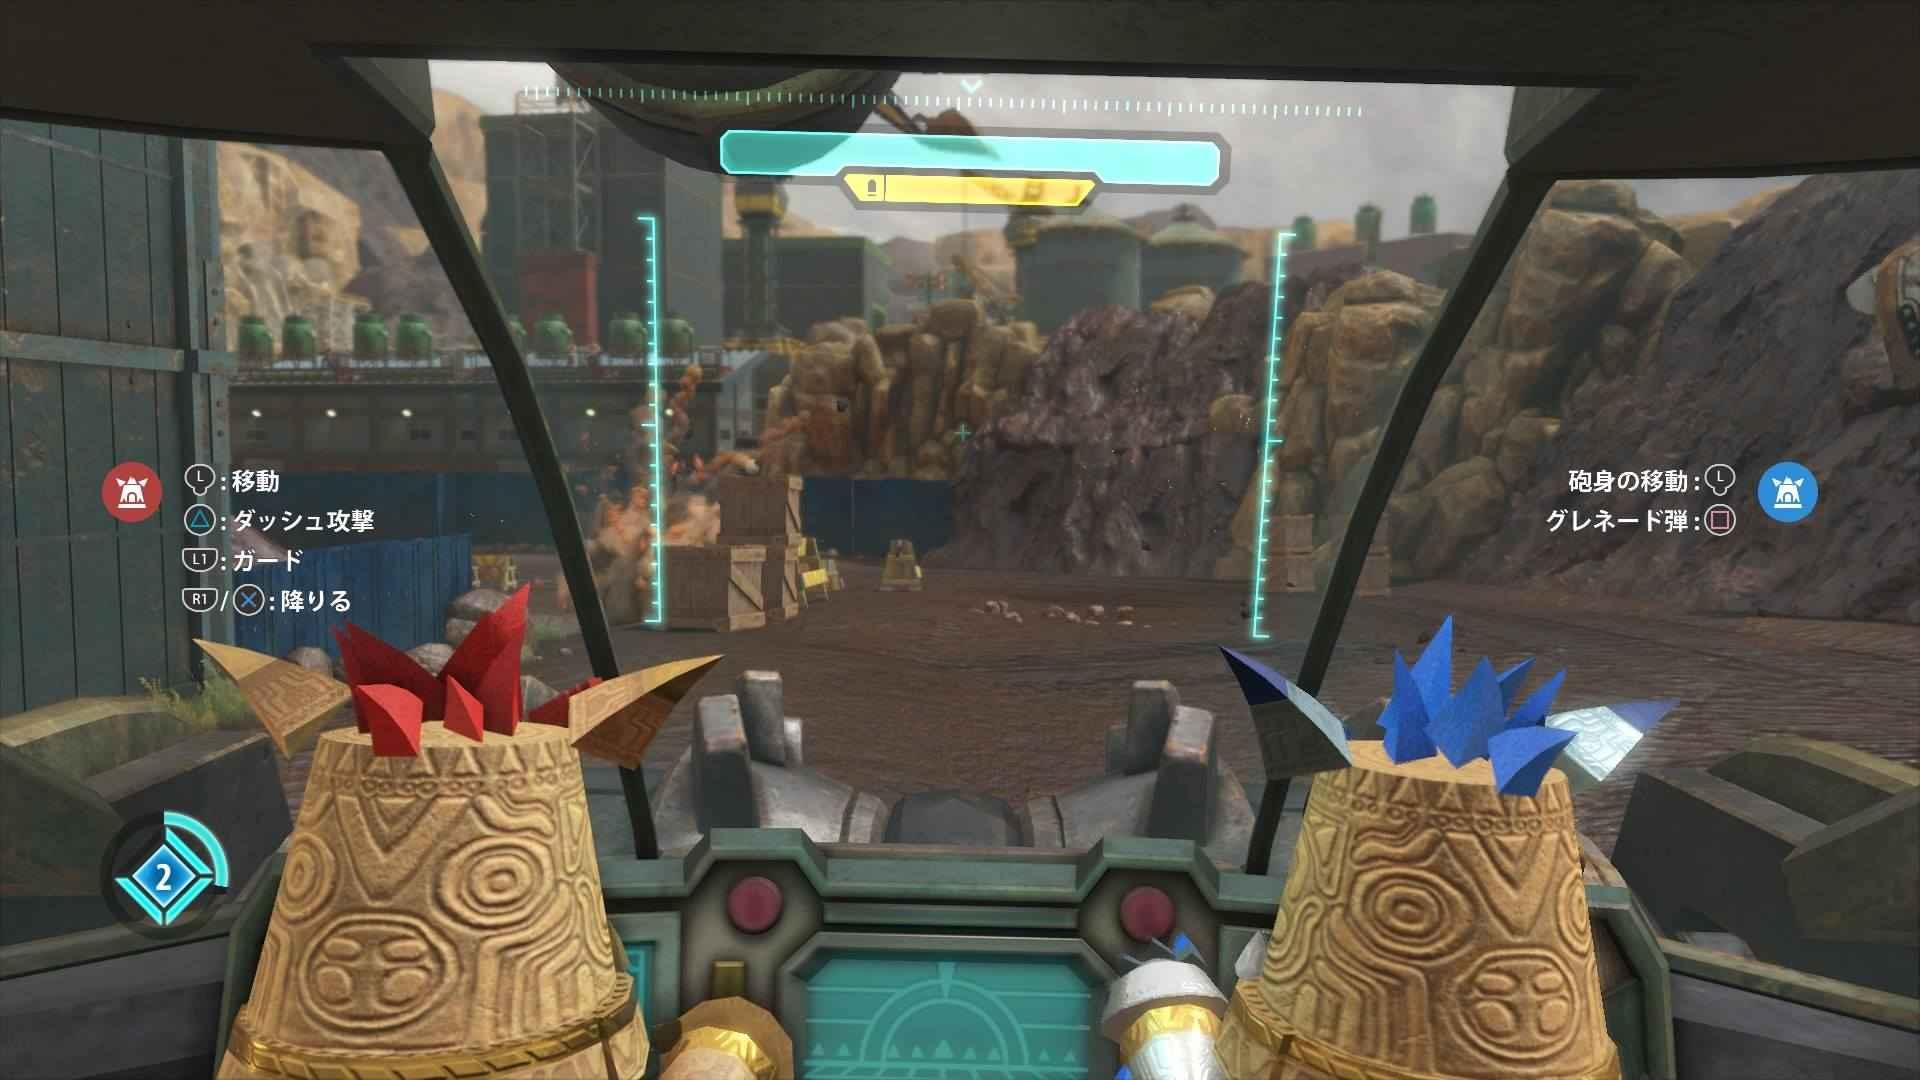 【レビュー】デカとチビを使い分けて遊ぶ2人プレイ可能な3Dアクション|KNACK(ナック) ふたりの英雄と古代兵団